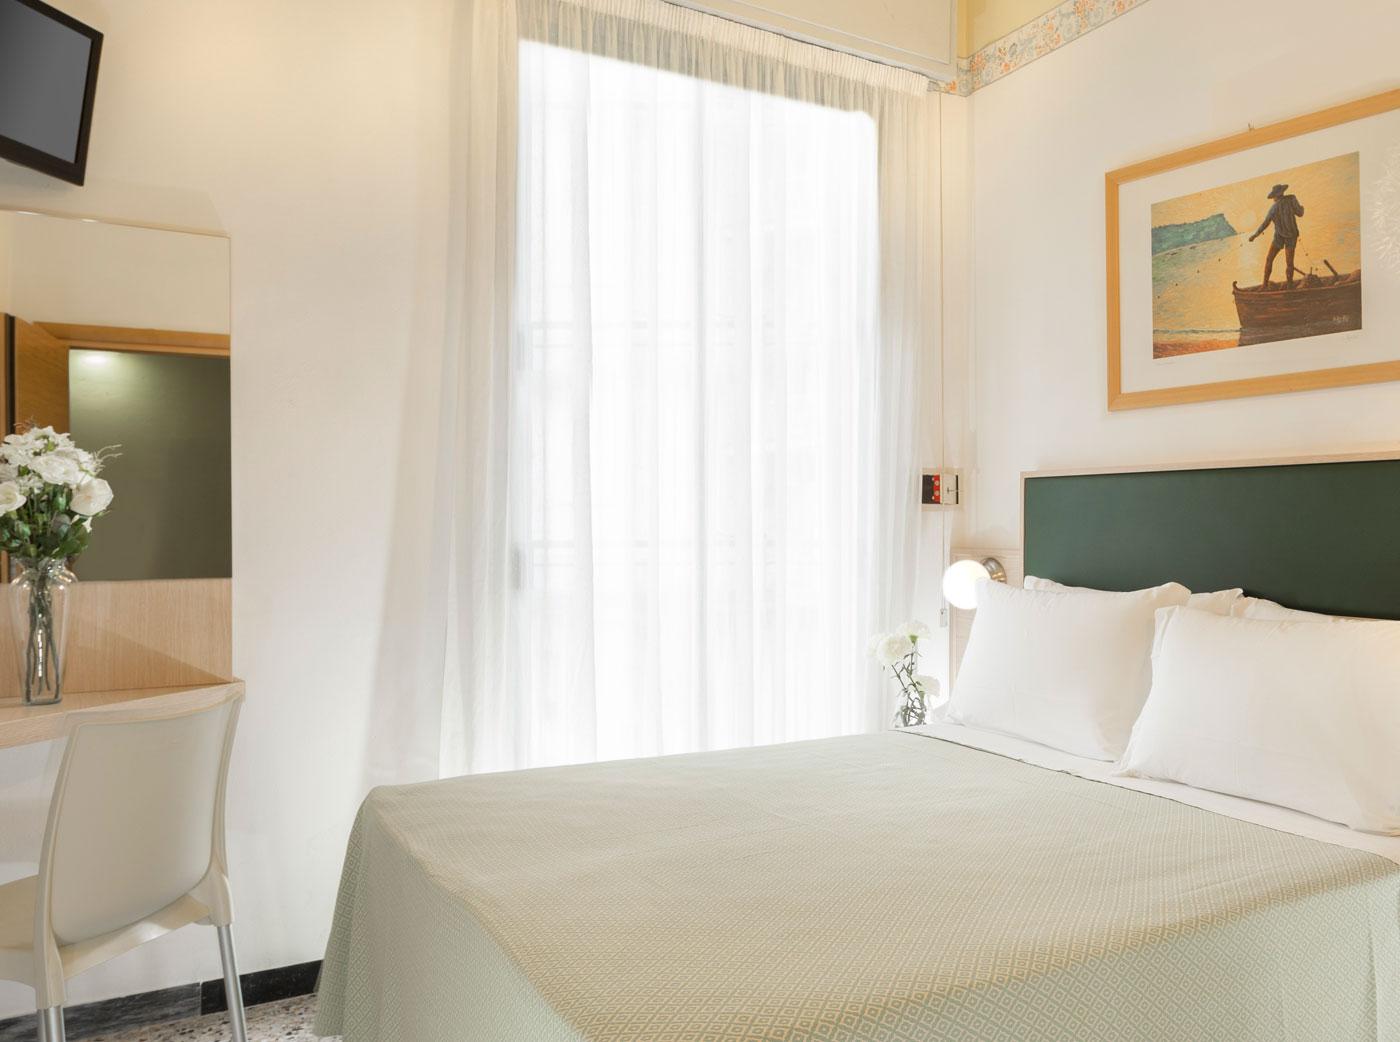 Chambre Double Classique - Hôtel Buonafortuna 3 étoiles Bellaria